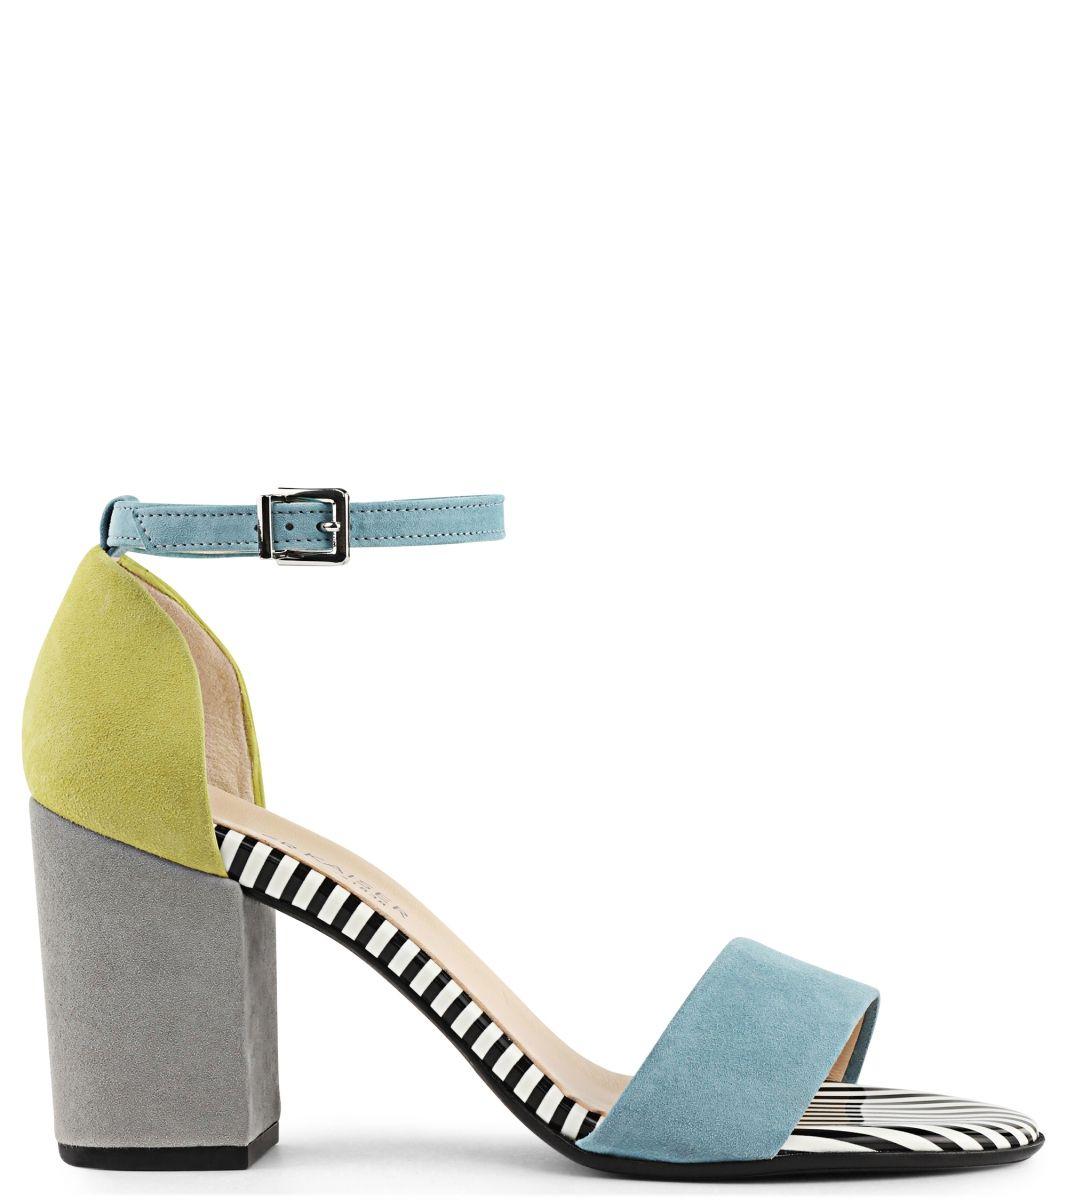 timeless design e7944 2a16e Peter Kaiser | Adilia - Sandalette - multicolor Sandalette ...